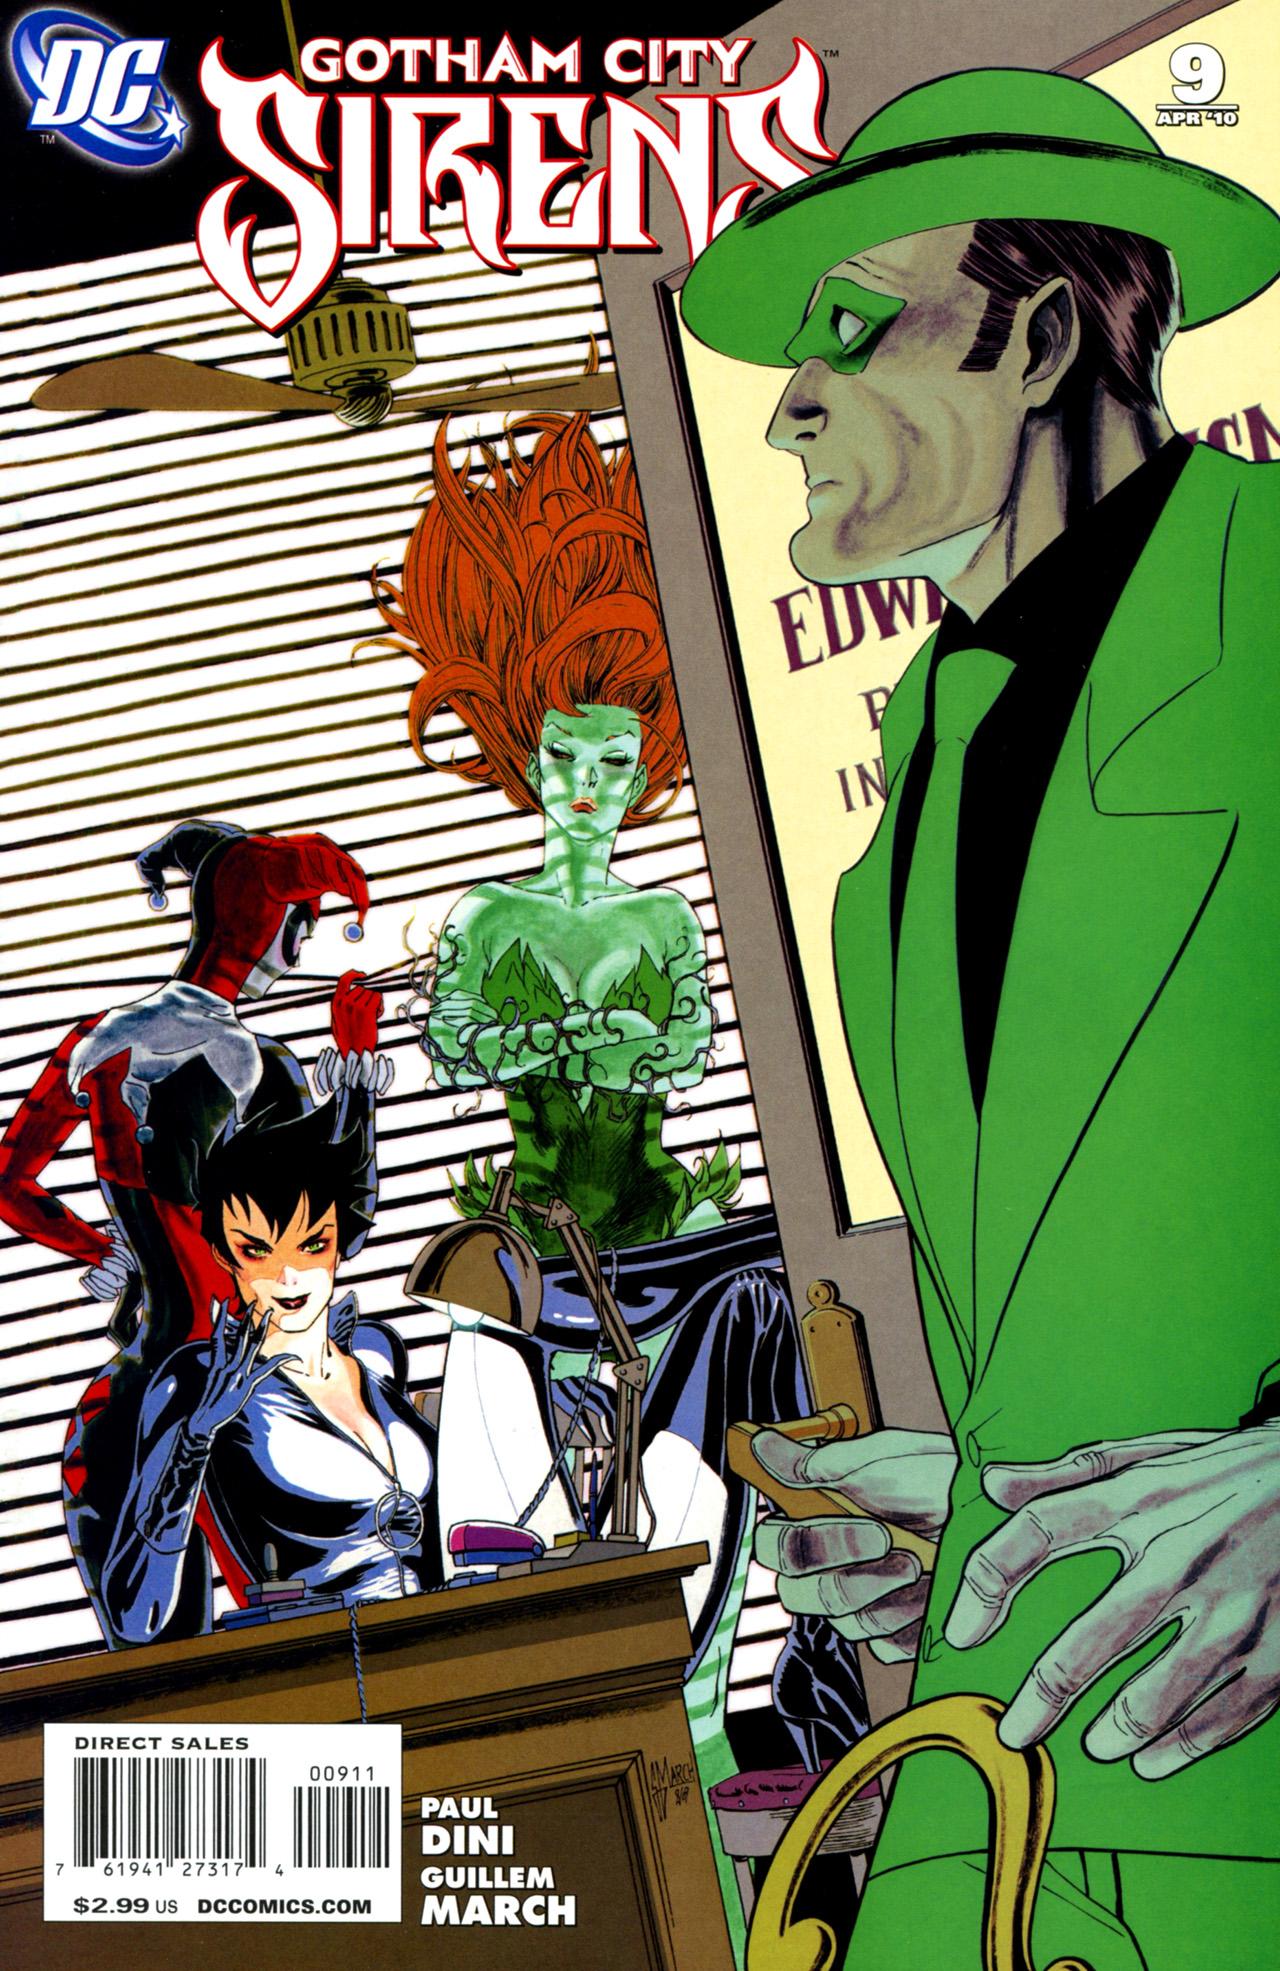 Gotham City Sirens Issue 9 Batman Wiki Fandom